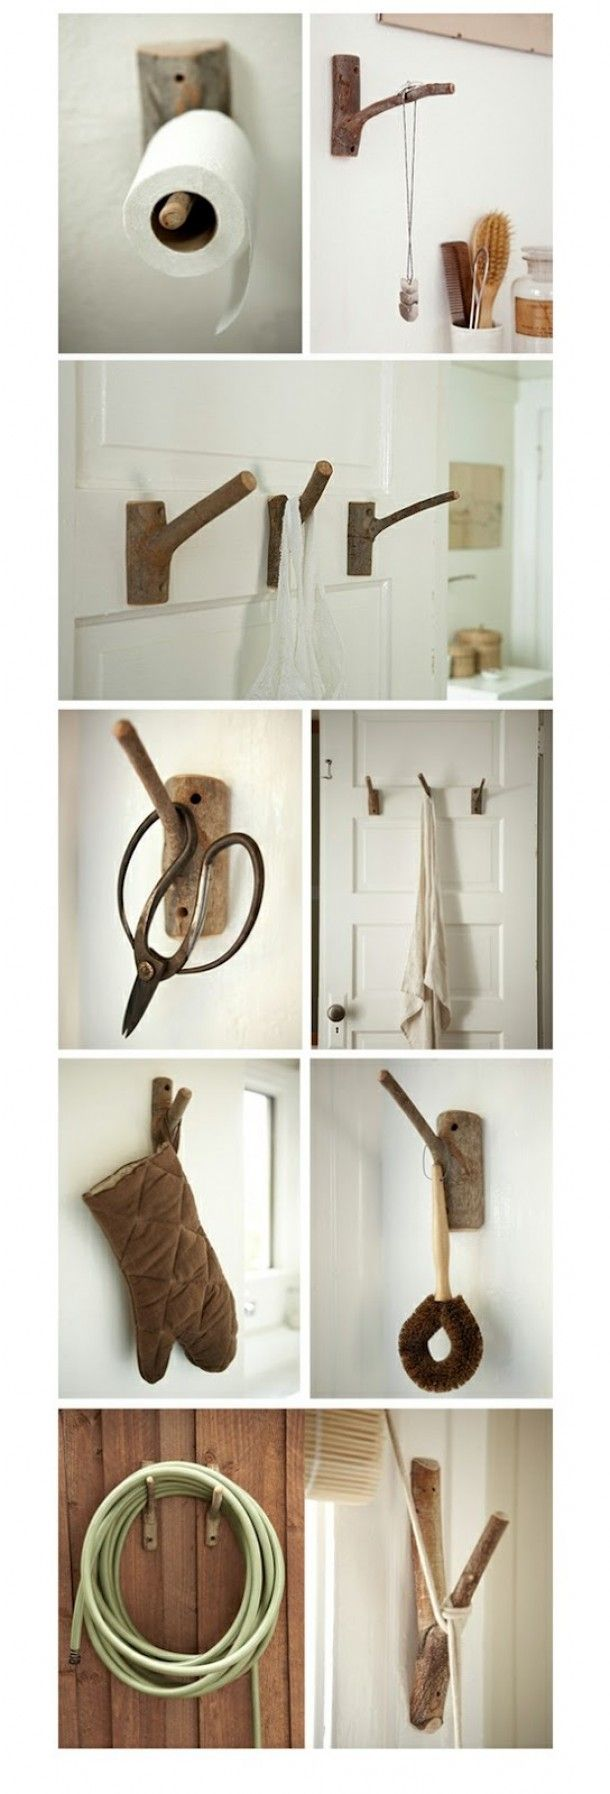 DIY: Branch Hooks